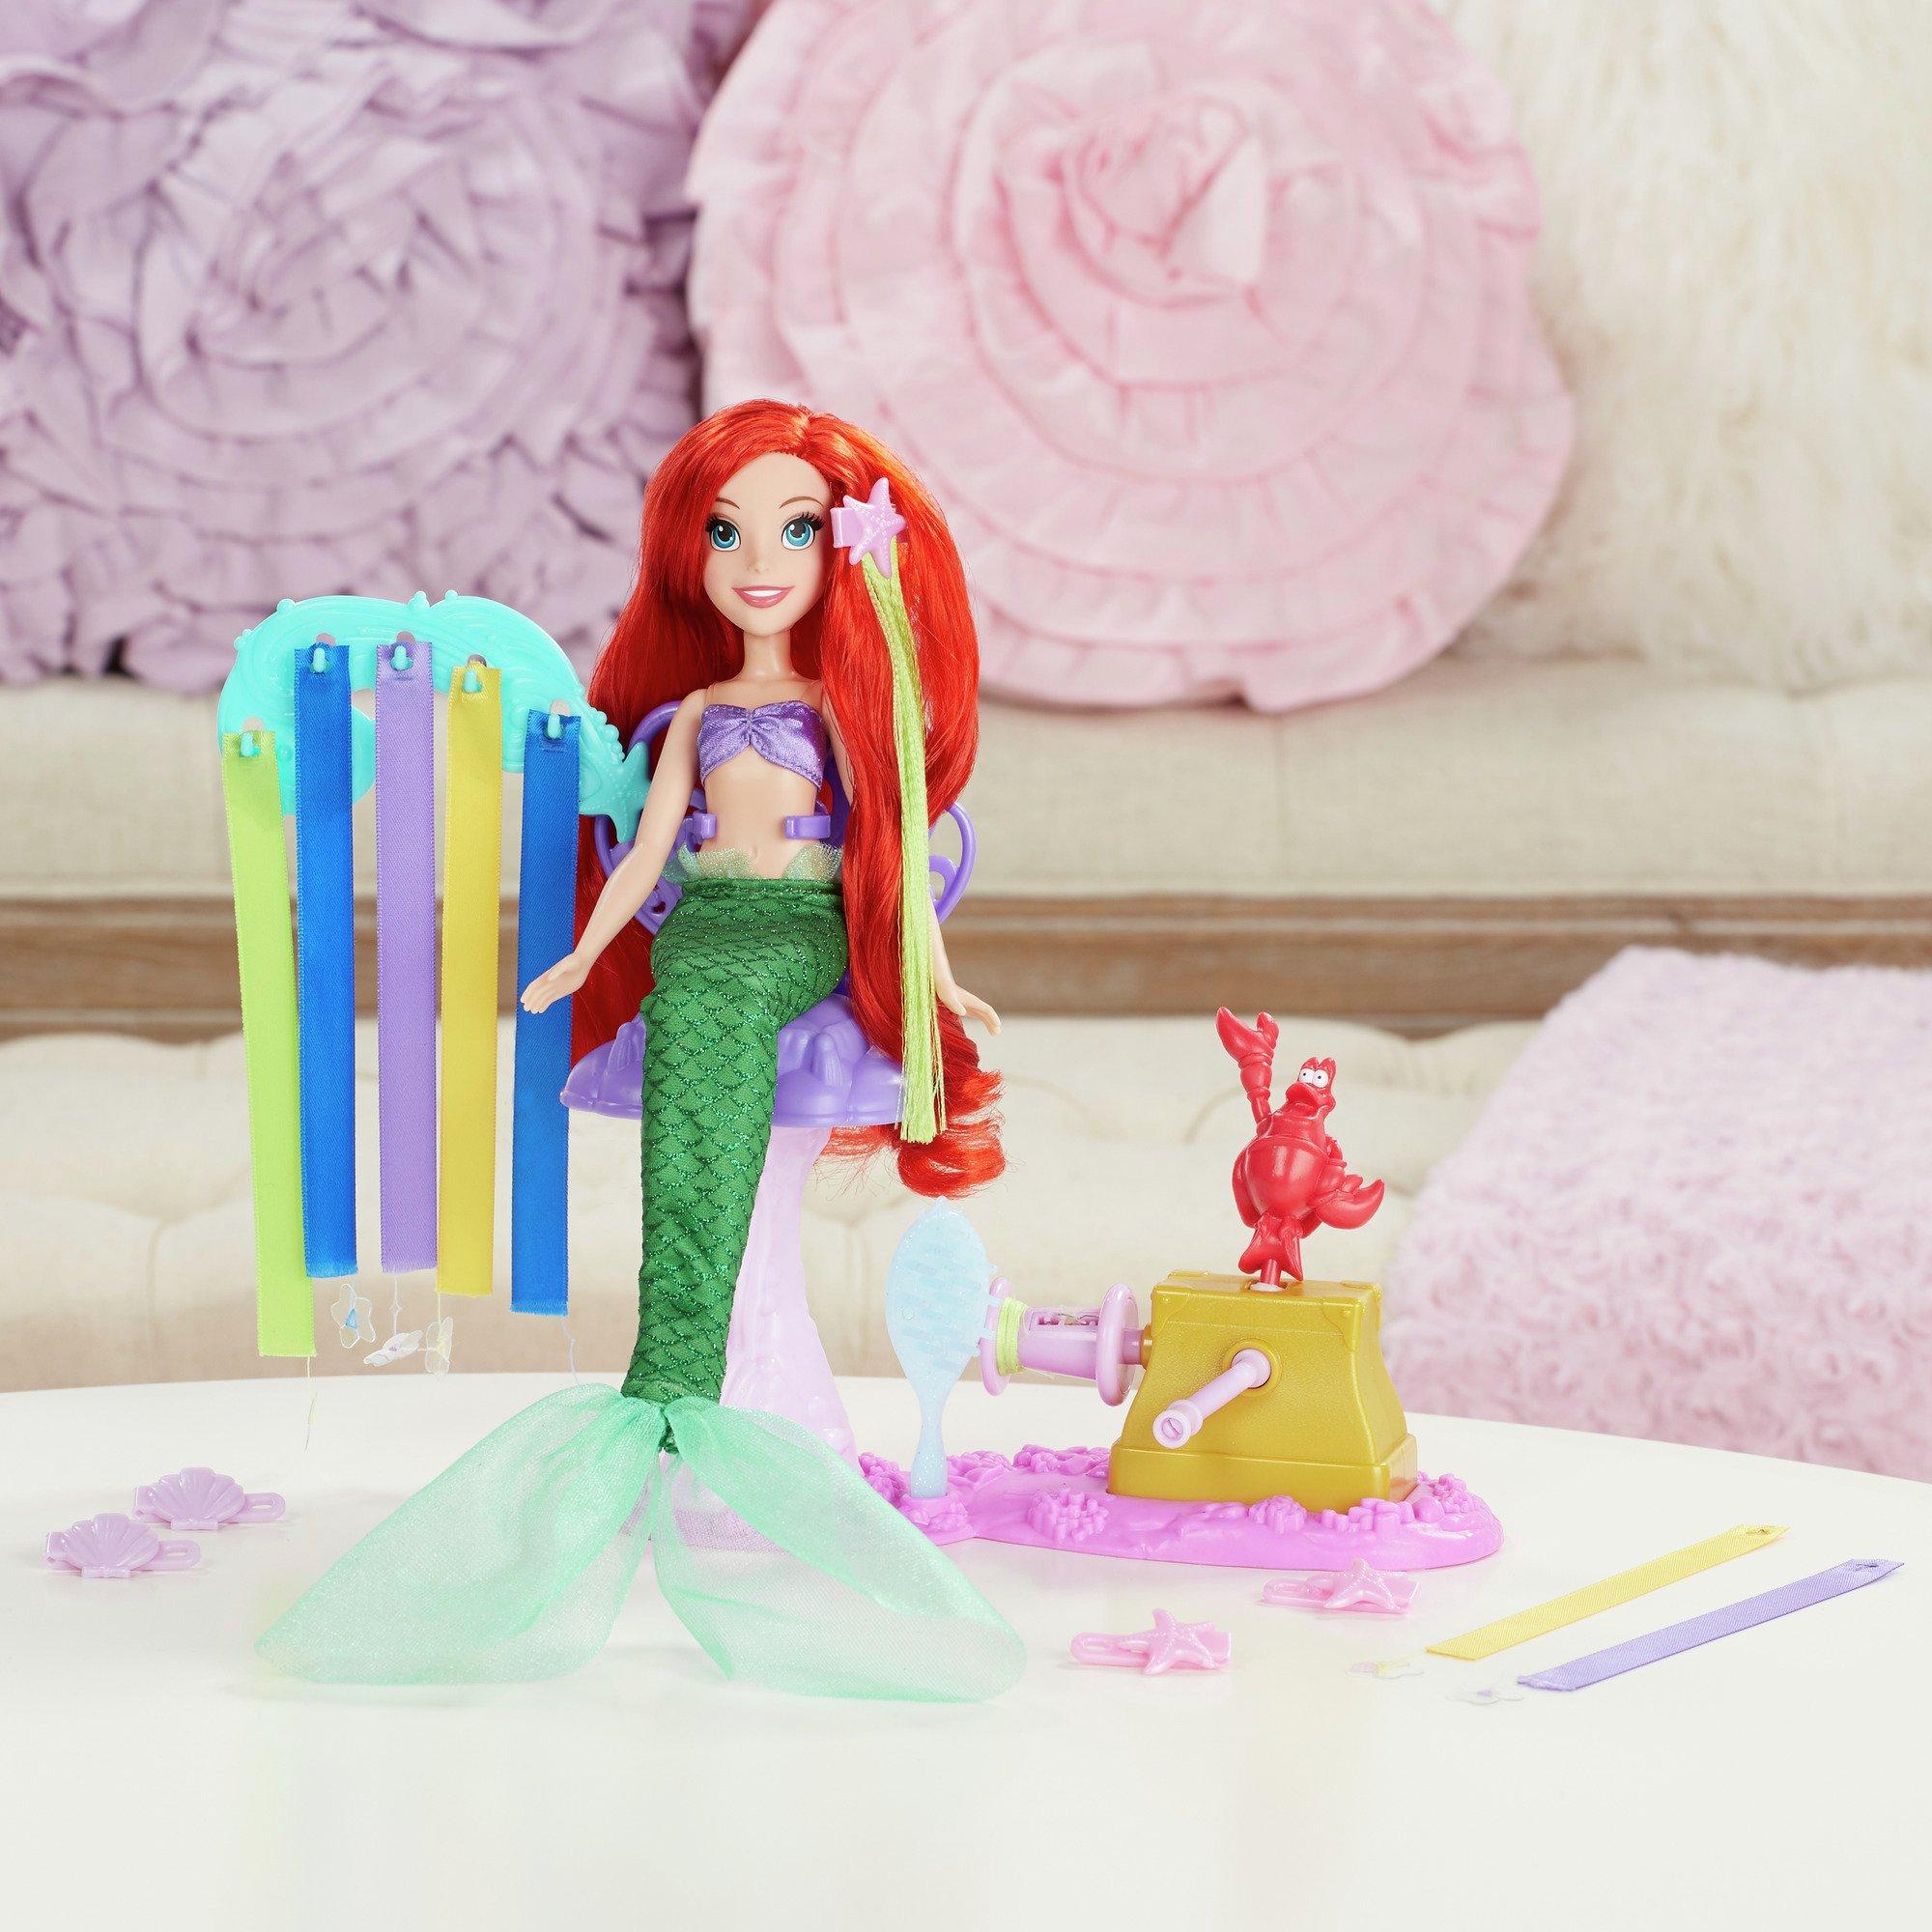 Beaded door curtains argos - Beaded Door Curtains Argos Peterlee Disney Princess Deluxe Hair Play Assortment